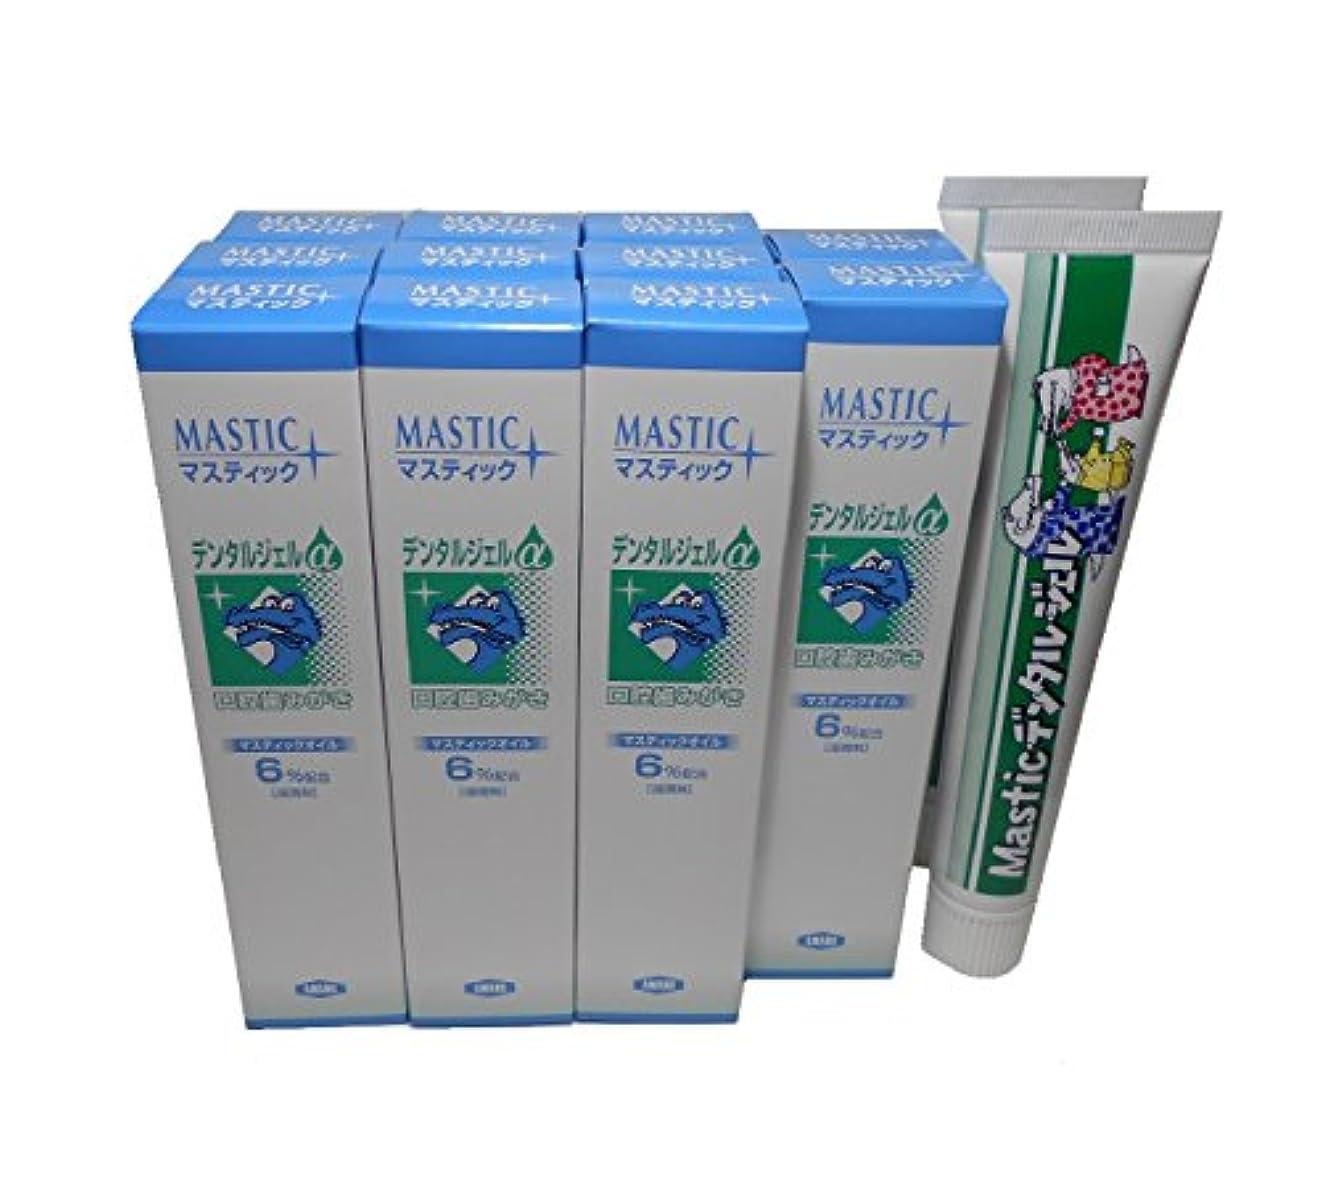 社説フォークメンタルMASTIC マスティックデンタルジェルα45g(6%配合)11個+MASTIC デンタルエッセンスジェルMSローヤルⅡ増量50g(10%配合)2個セット